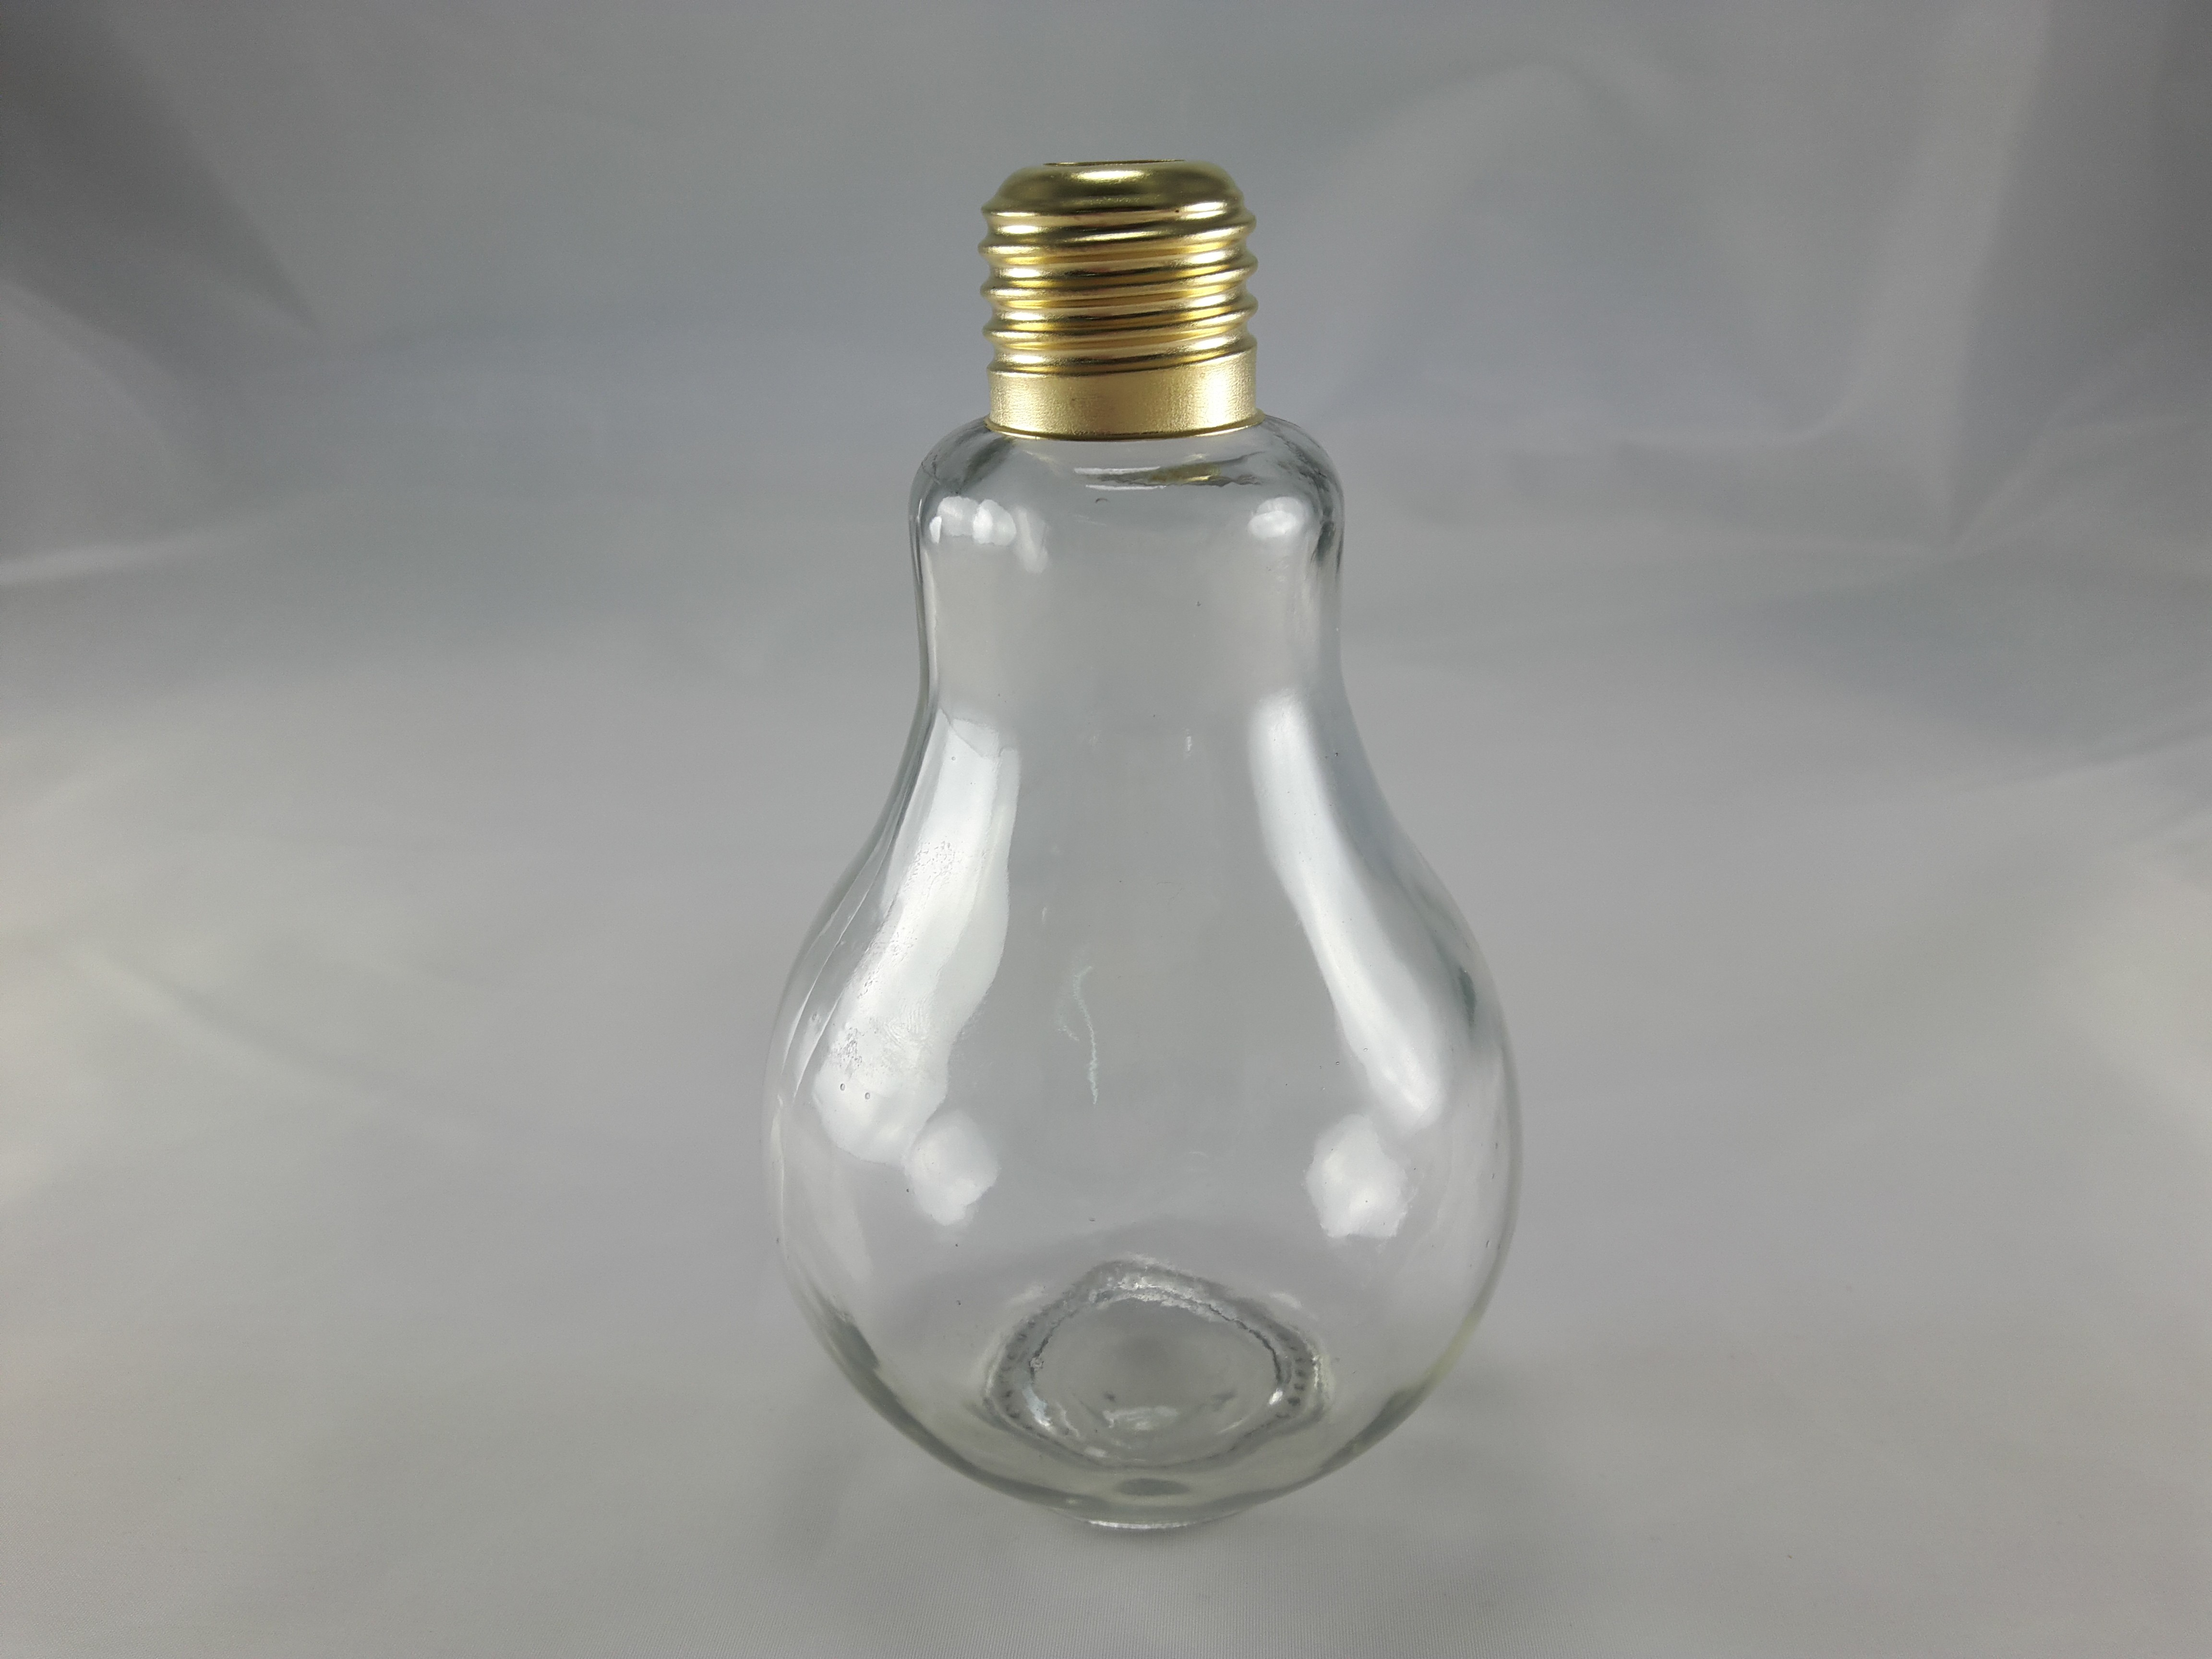 燈泡造型飲料瓶400ml(玻璃空瓶)